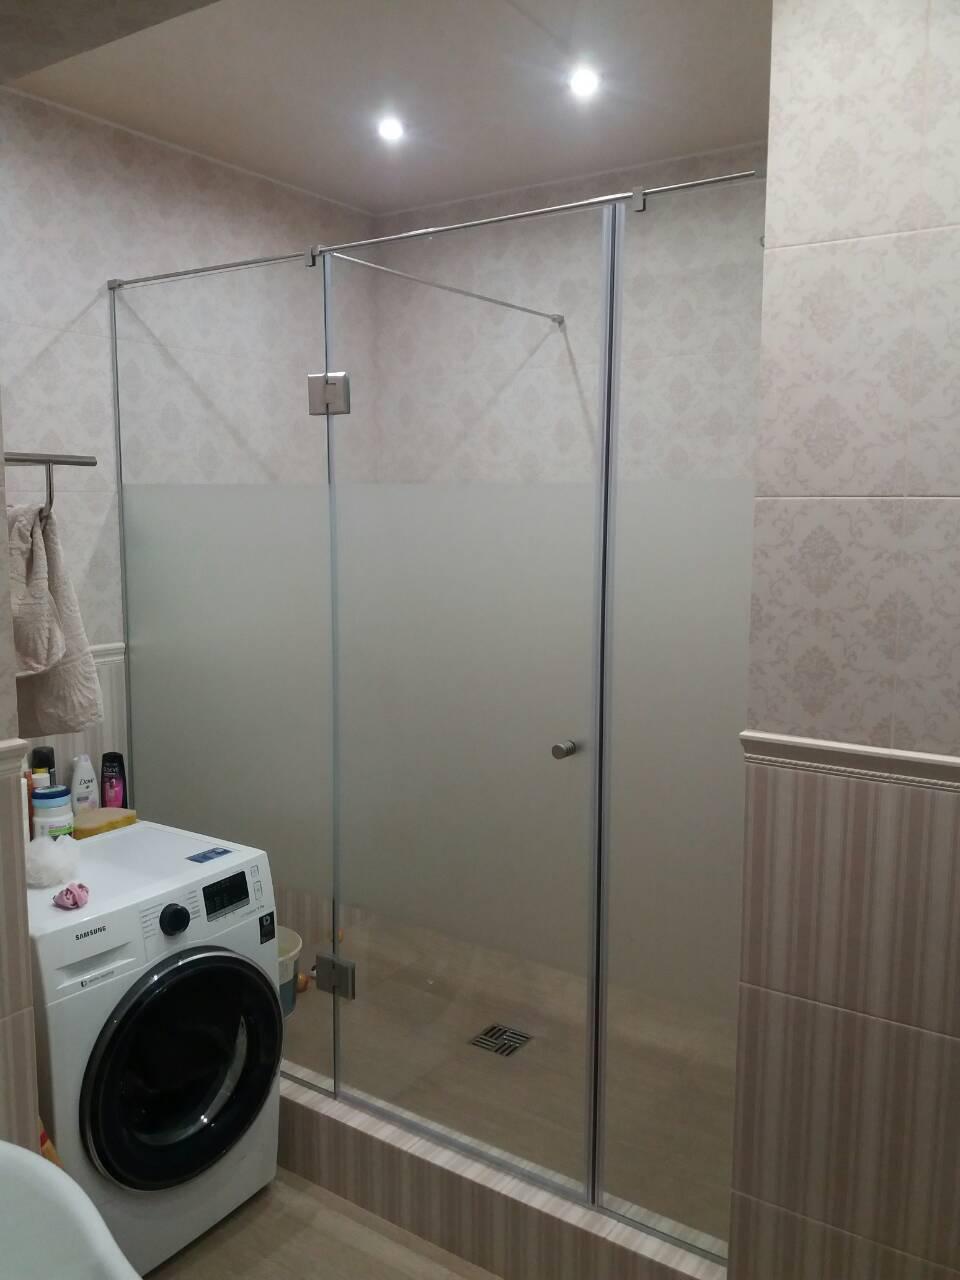 Стеклянные двери в душ, двери для душа из стекла на заказ, душевые двери перегородки для душа, душові двері